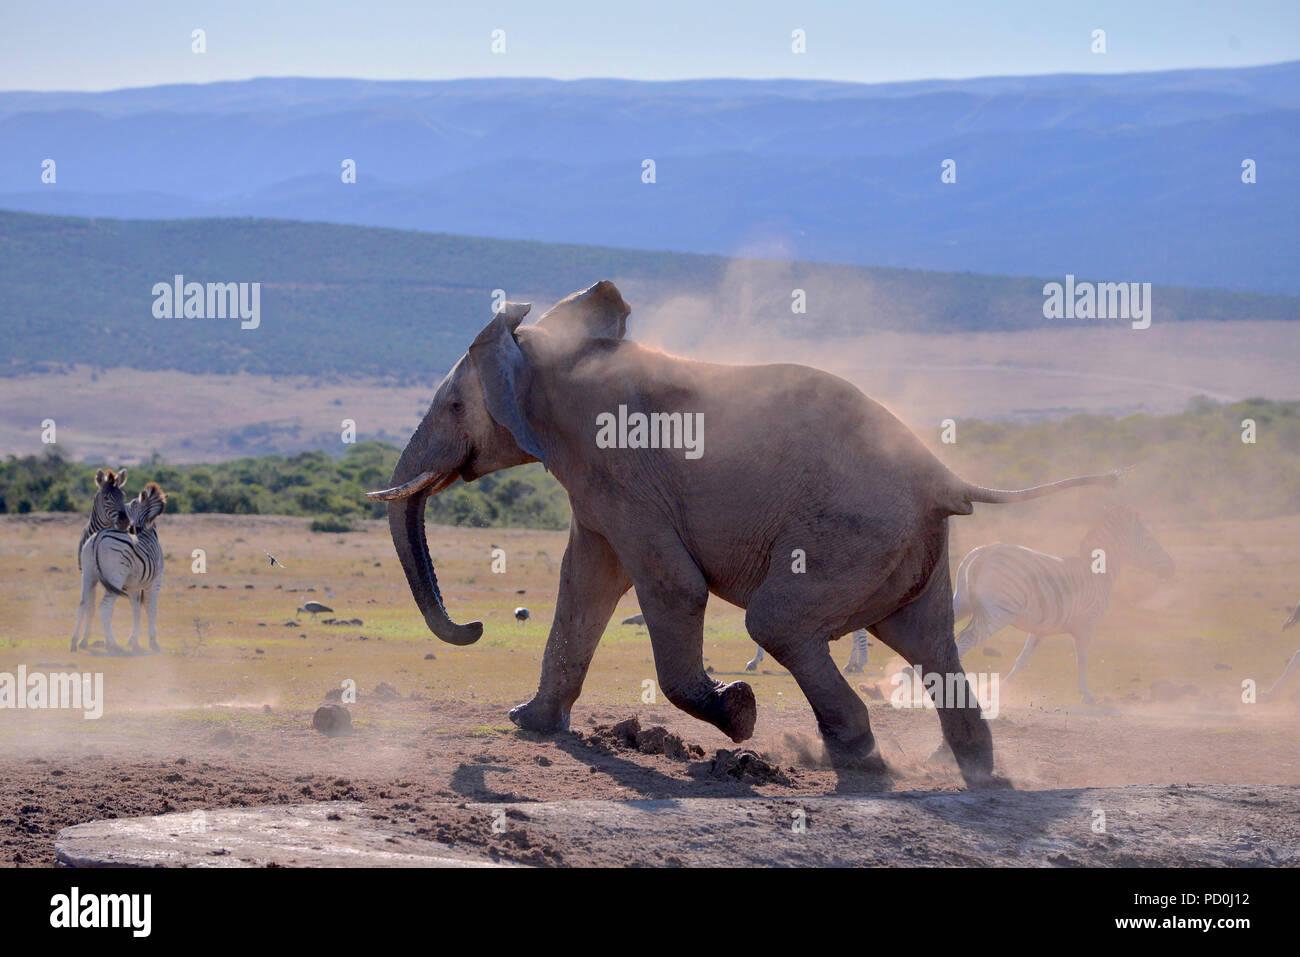 L'Afrique du Sud, une destination de voyage fantastique de faire l'expérience de troisième et premier monde ensemble. L'éléphant en colère chasse bull zèbres de trou d'eau. Addo. Banque D'Images